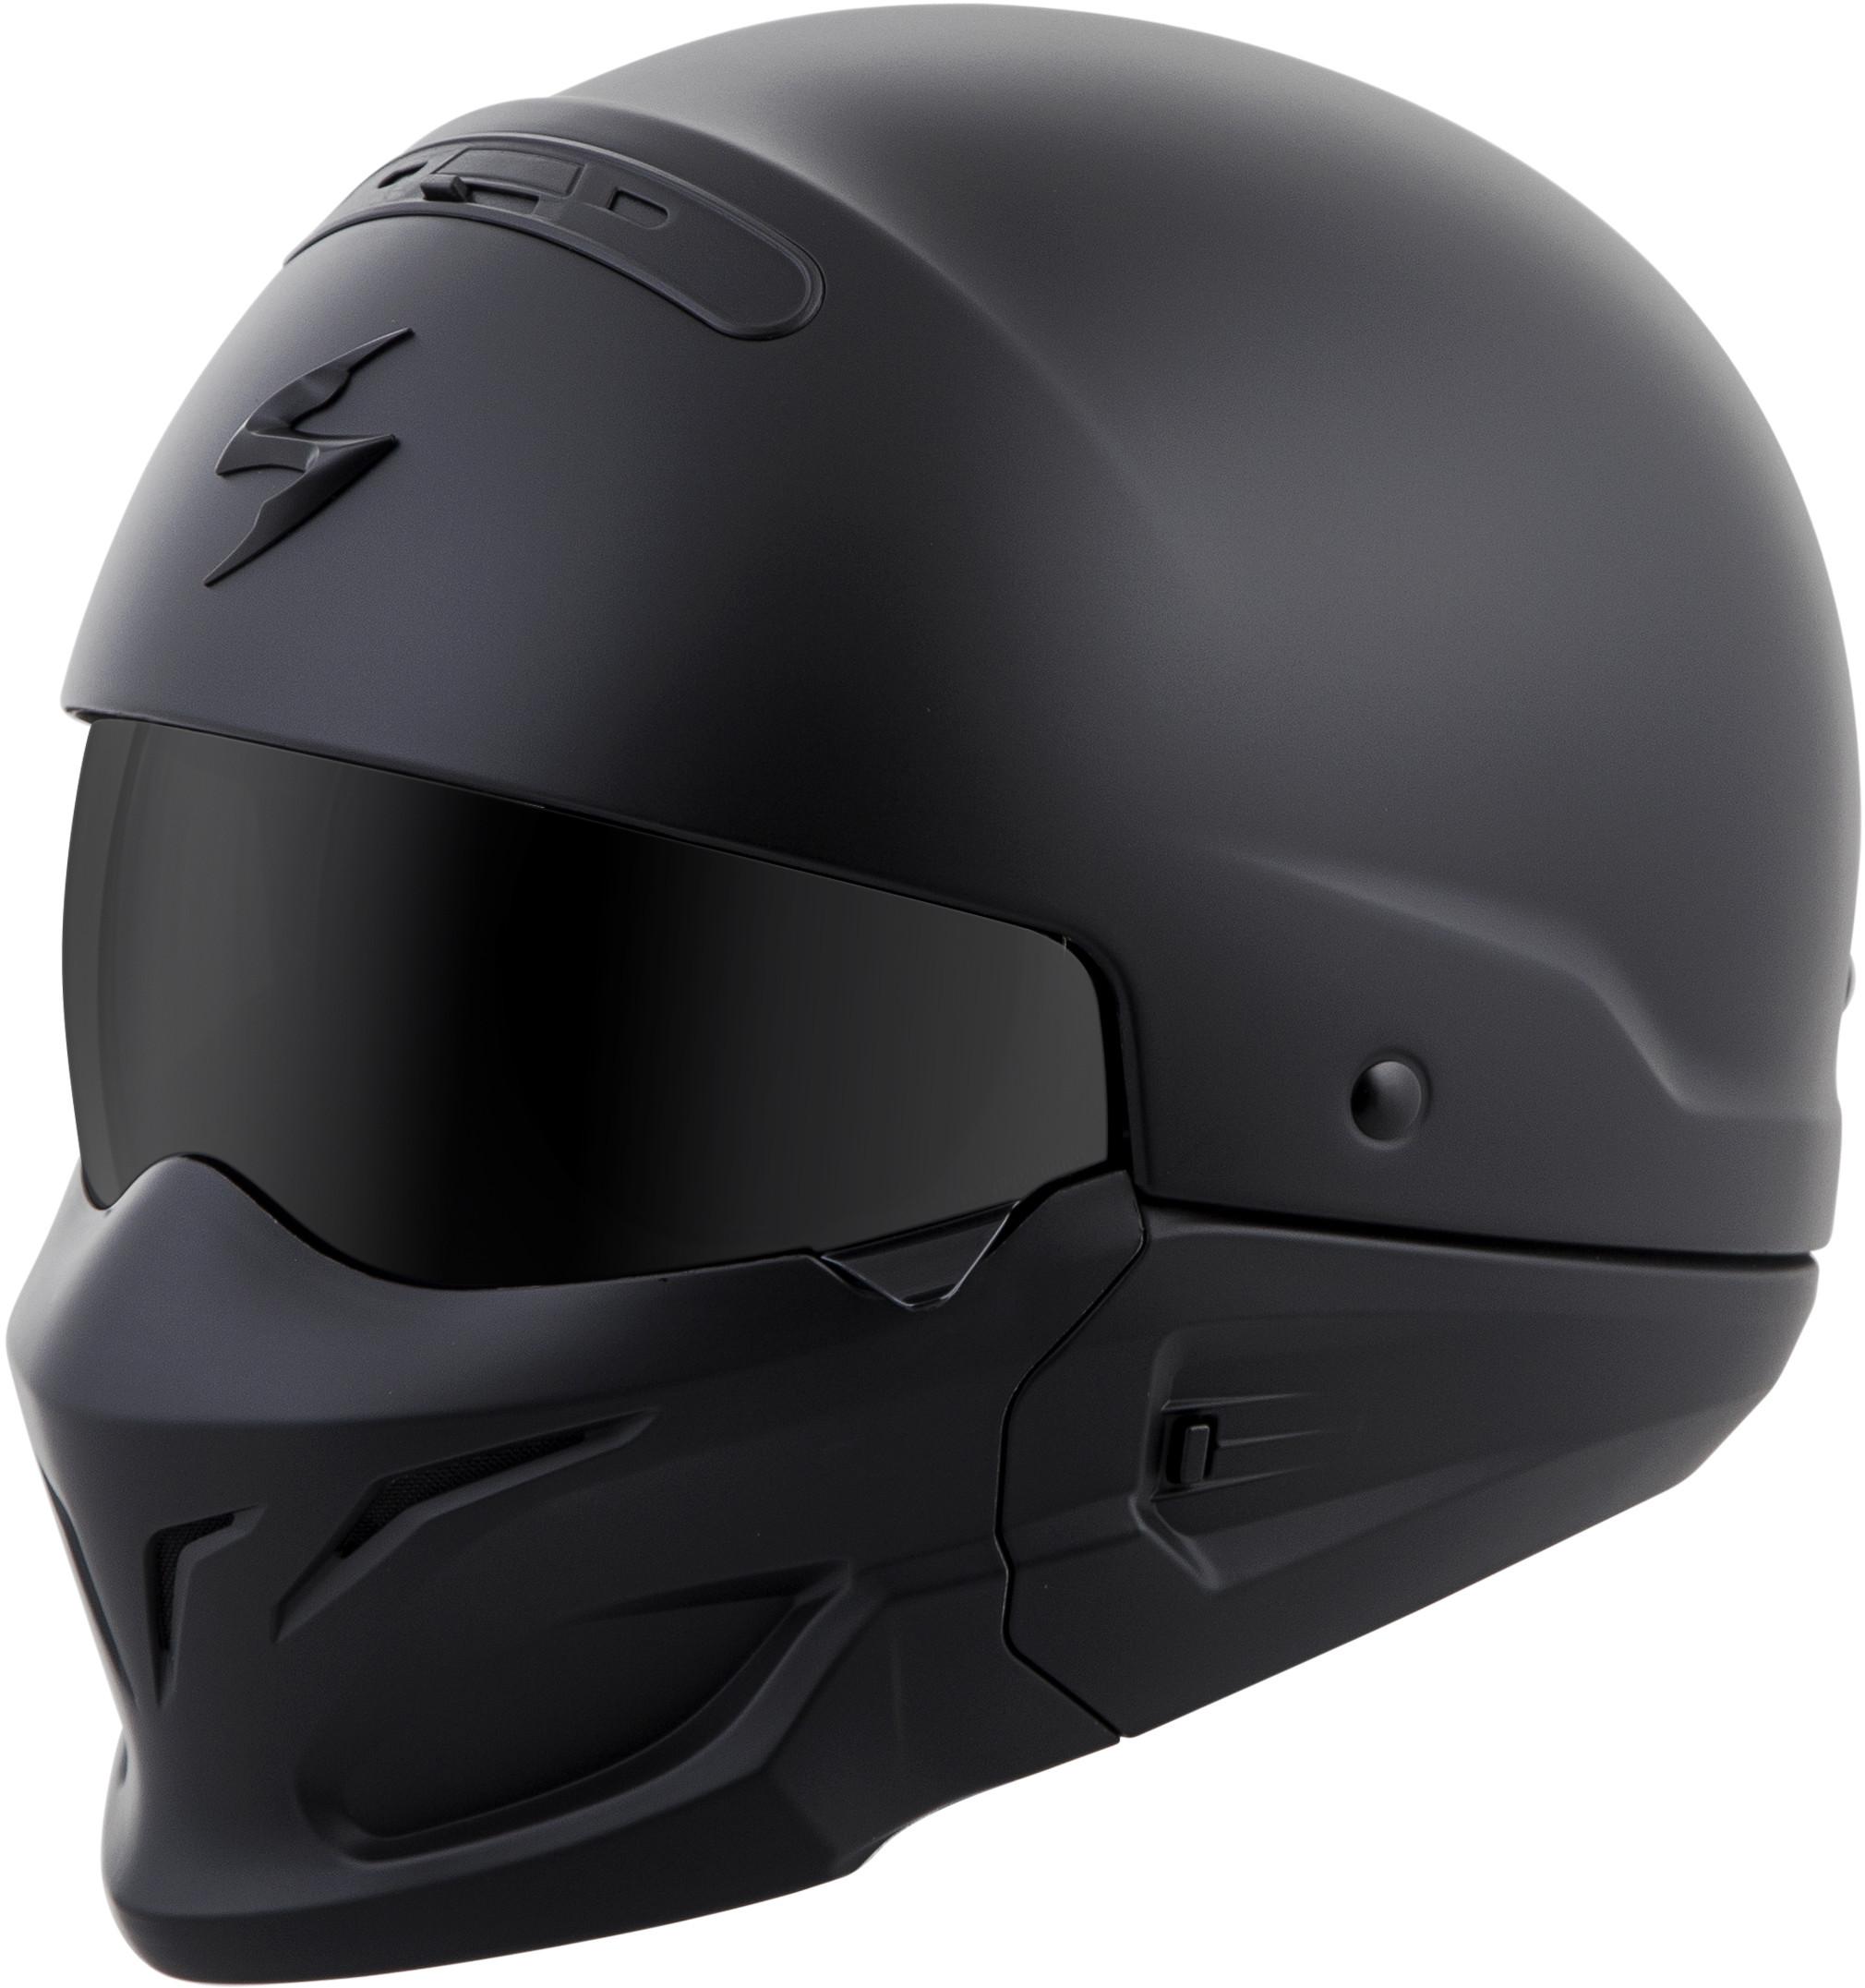 Covert Solid Helmet